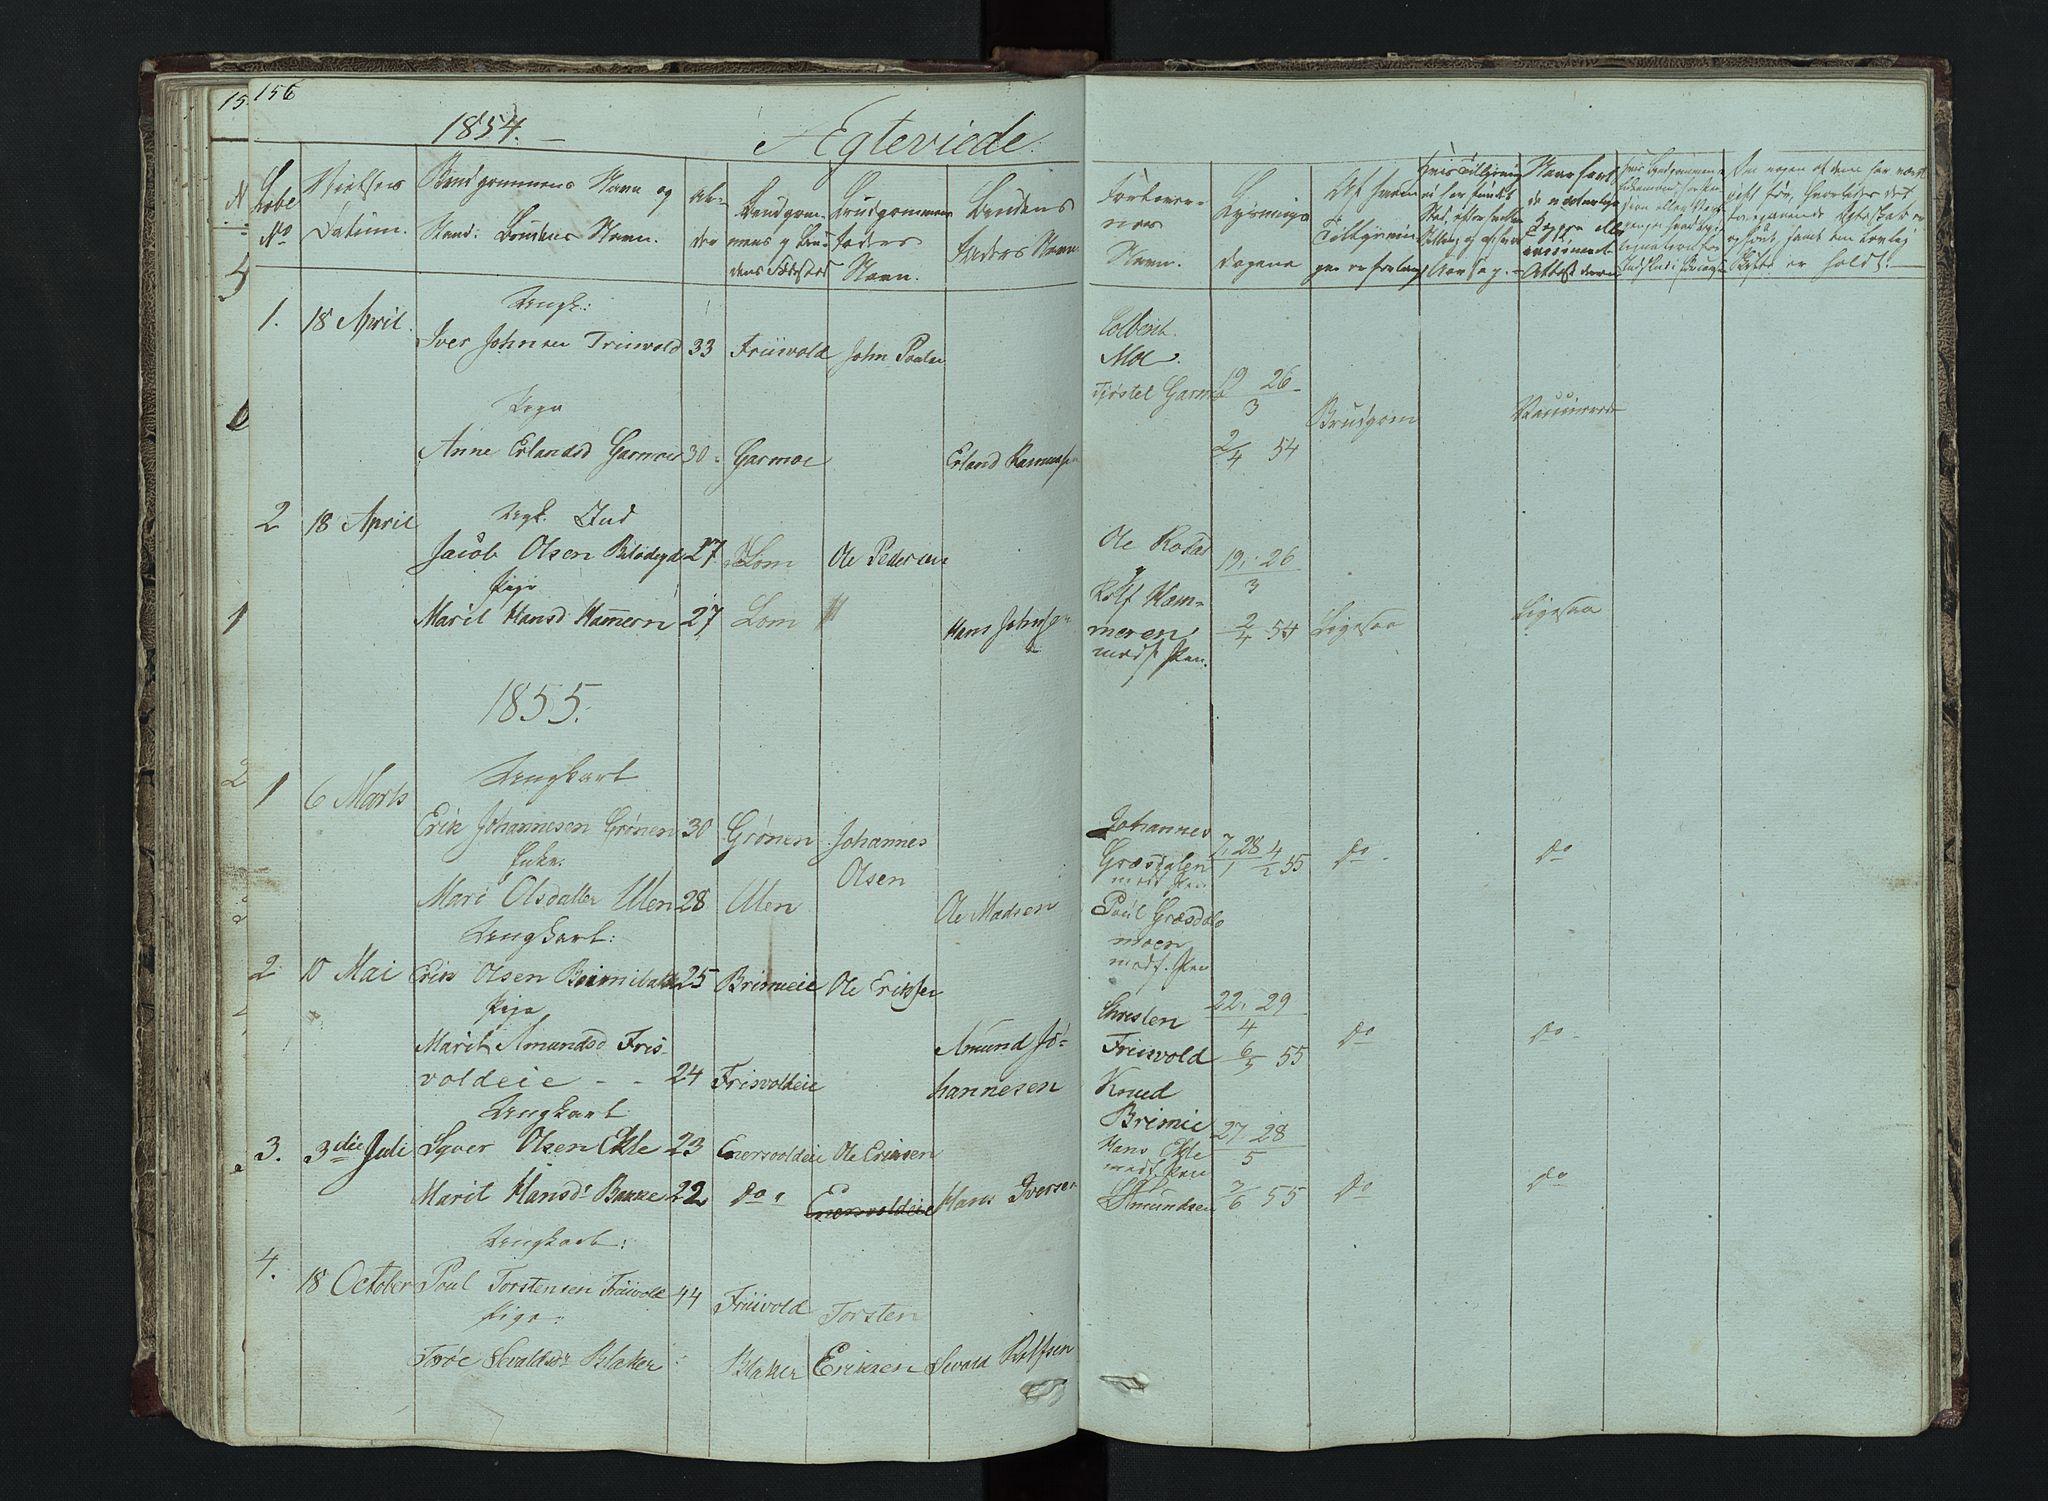 SAH, Lom prestekontor, L/L0014: Klokkerbok nr. 14, 1845-1876, s. 156-157